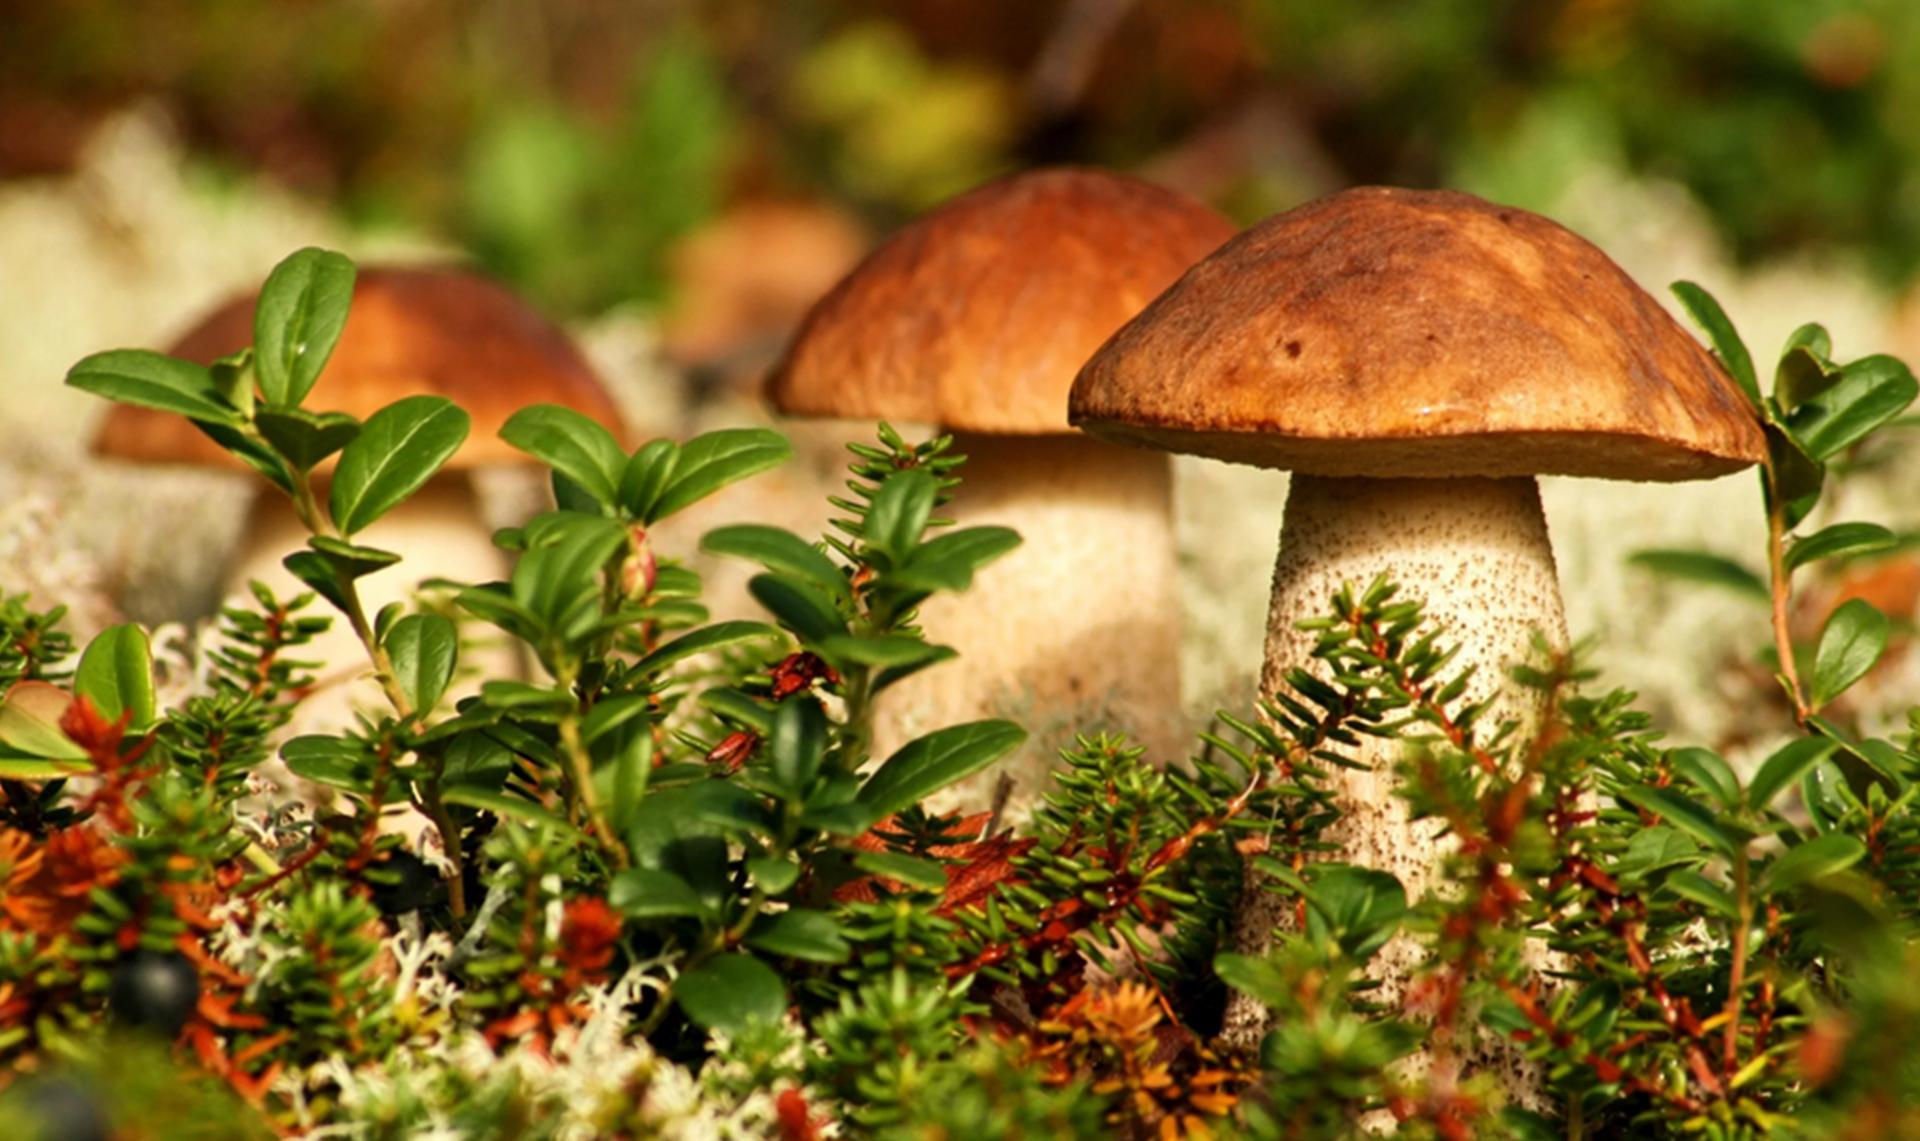 Эксперт рассказал об опасности съедобных грибов